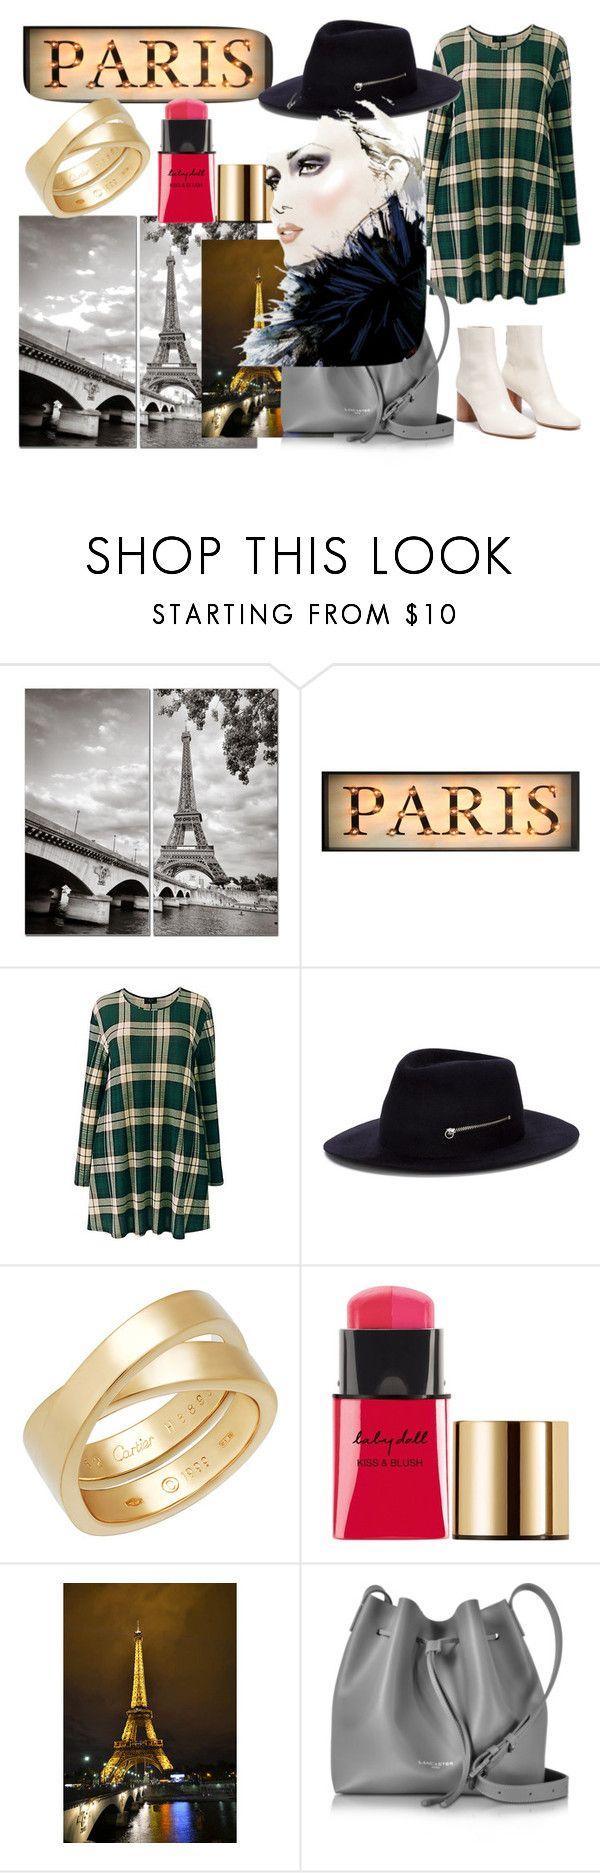 """""""Paris"""" by fashionpolyvore112num2 on Polyvore featuring AX Paris, Larose, Cartier, Yves Saint Laurent and Lancaster"""